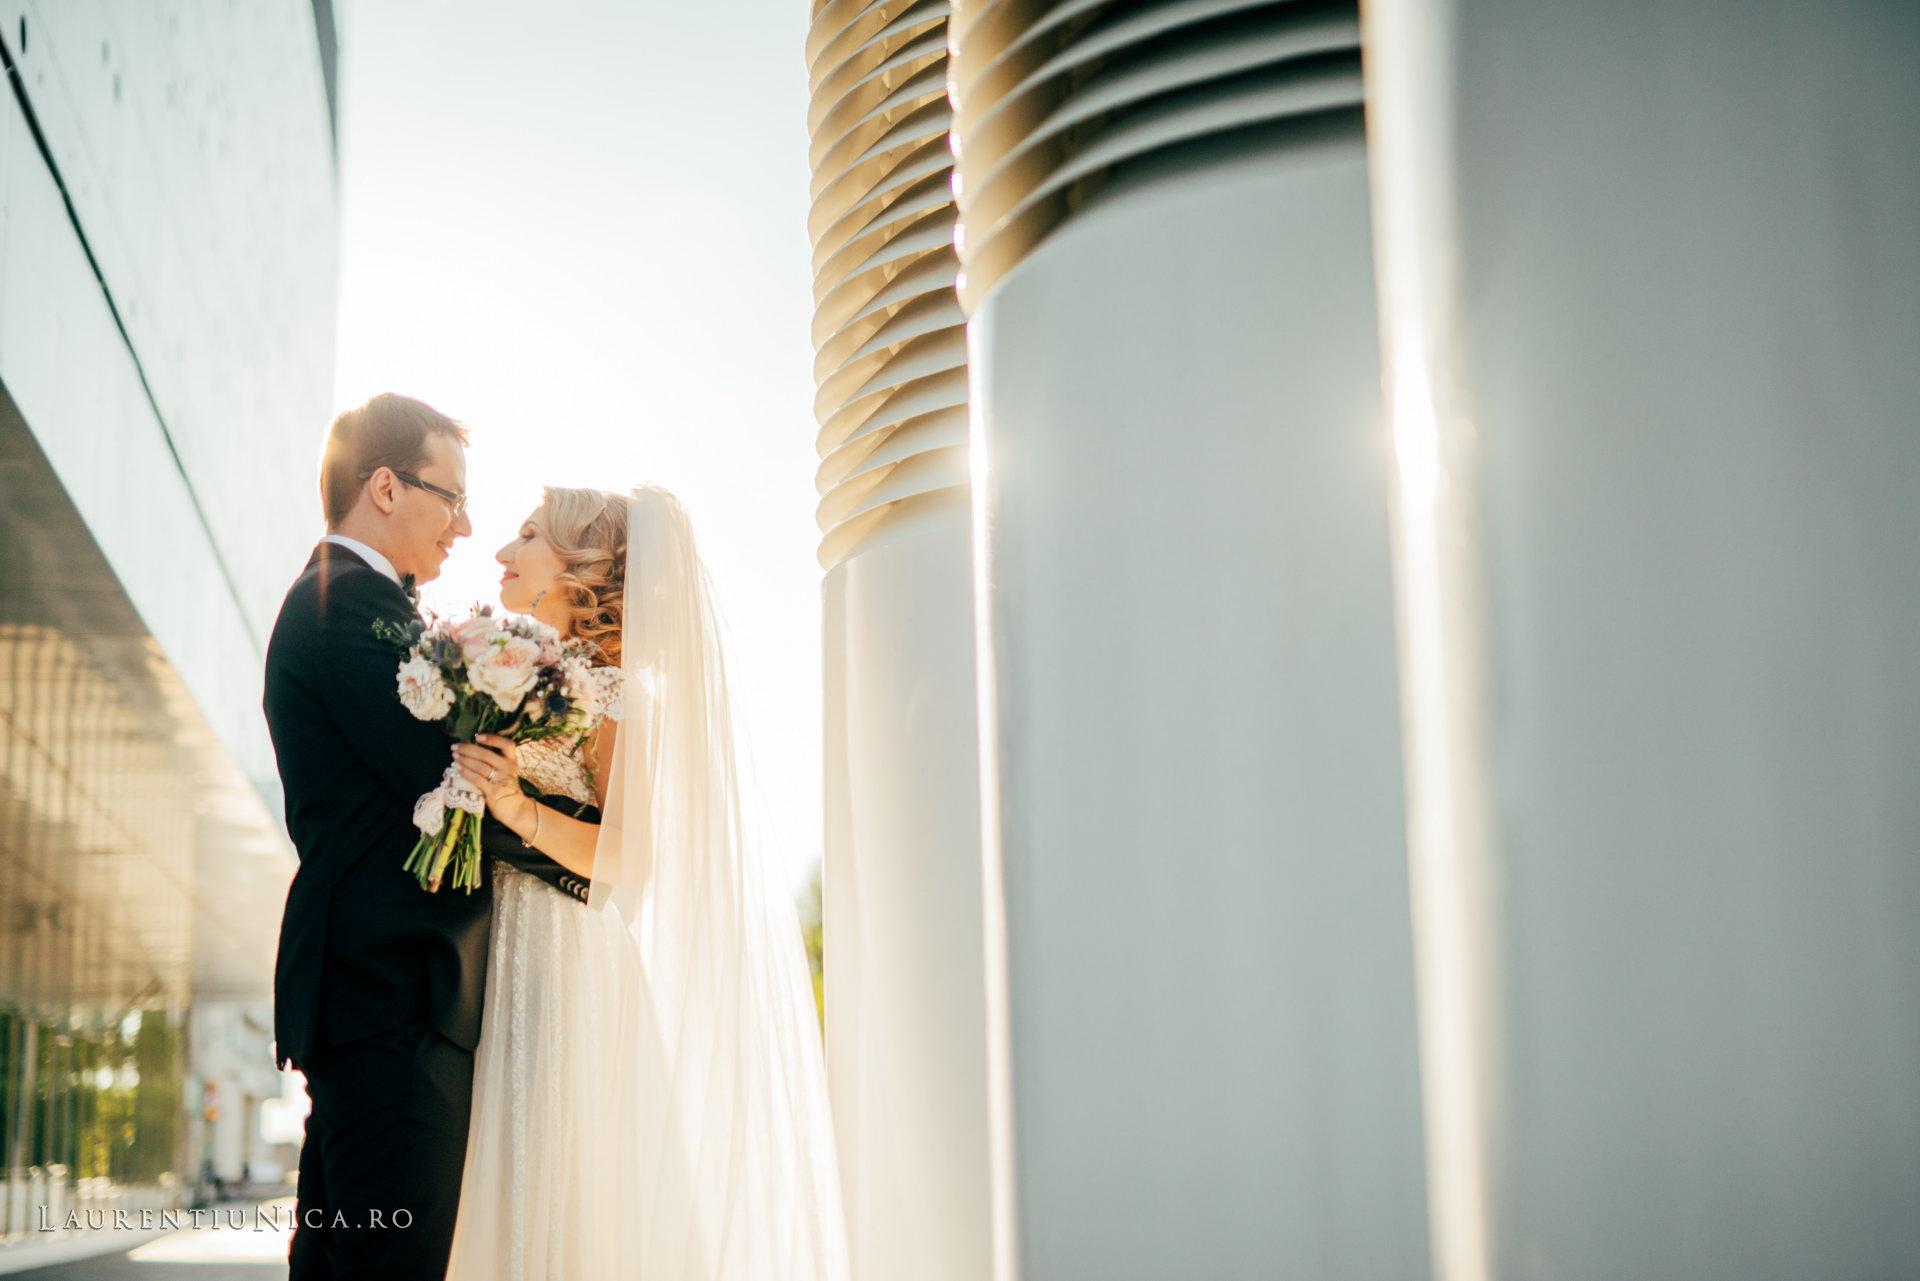 alina si razvan craiova fotograf nunta laurentiu nica57 - Alina & Razvan | Fotografii nunta